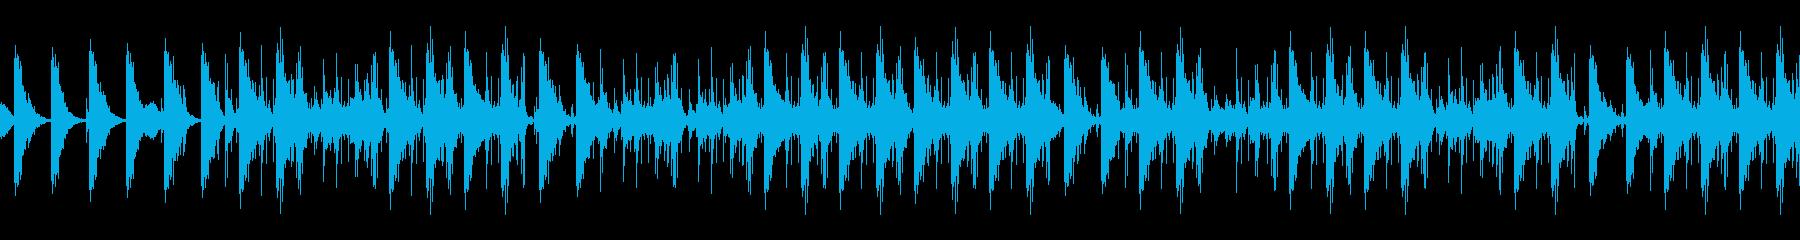 金物系ディレイのパーカスアンサンブルの再生済みの波形